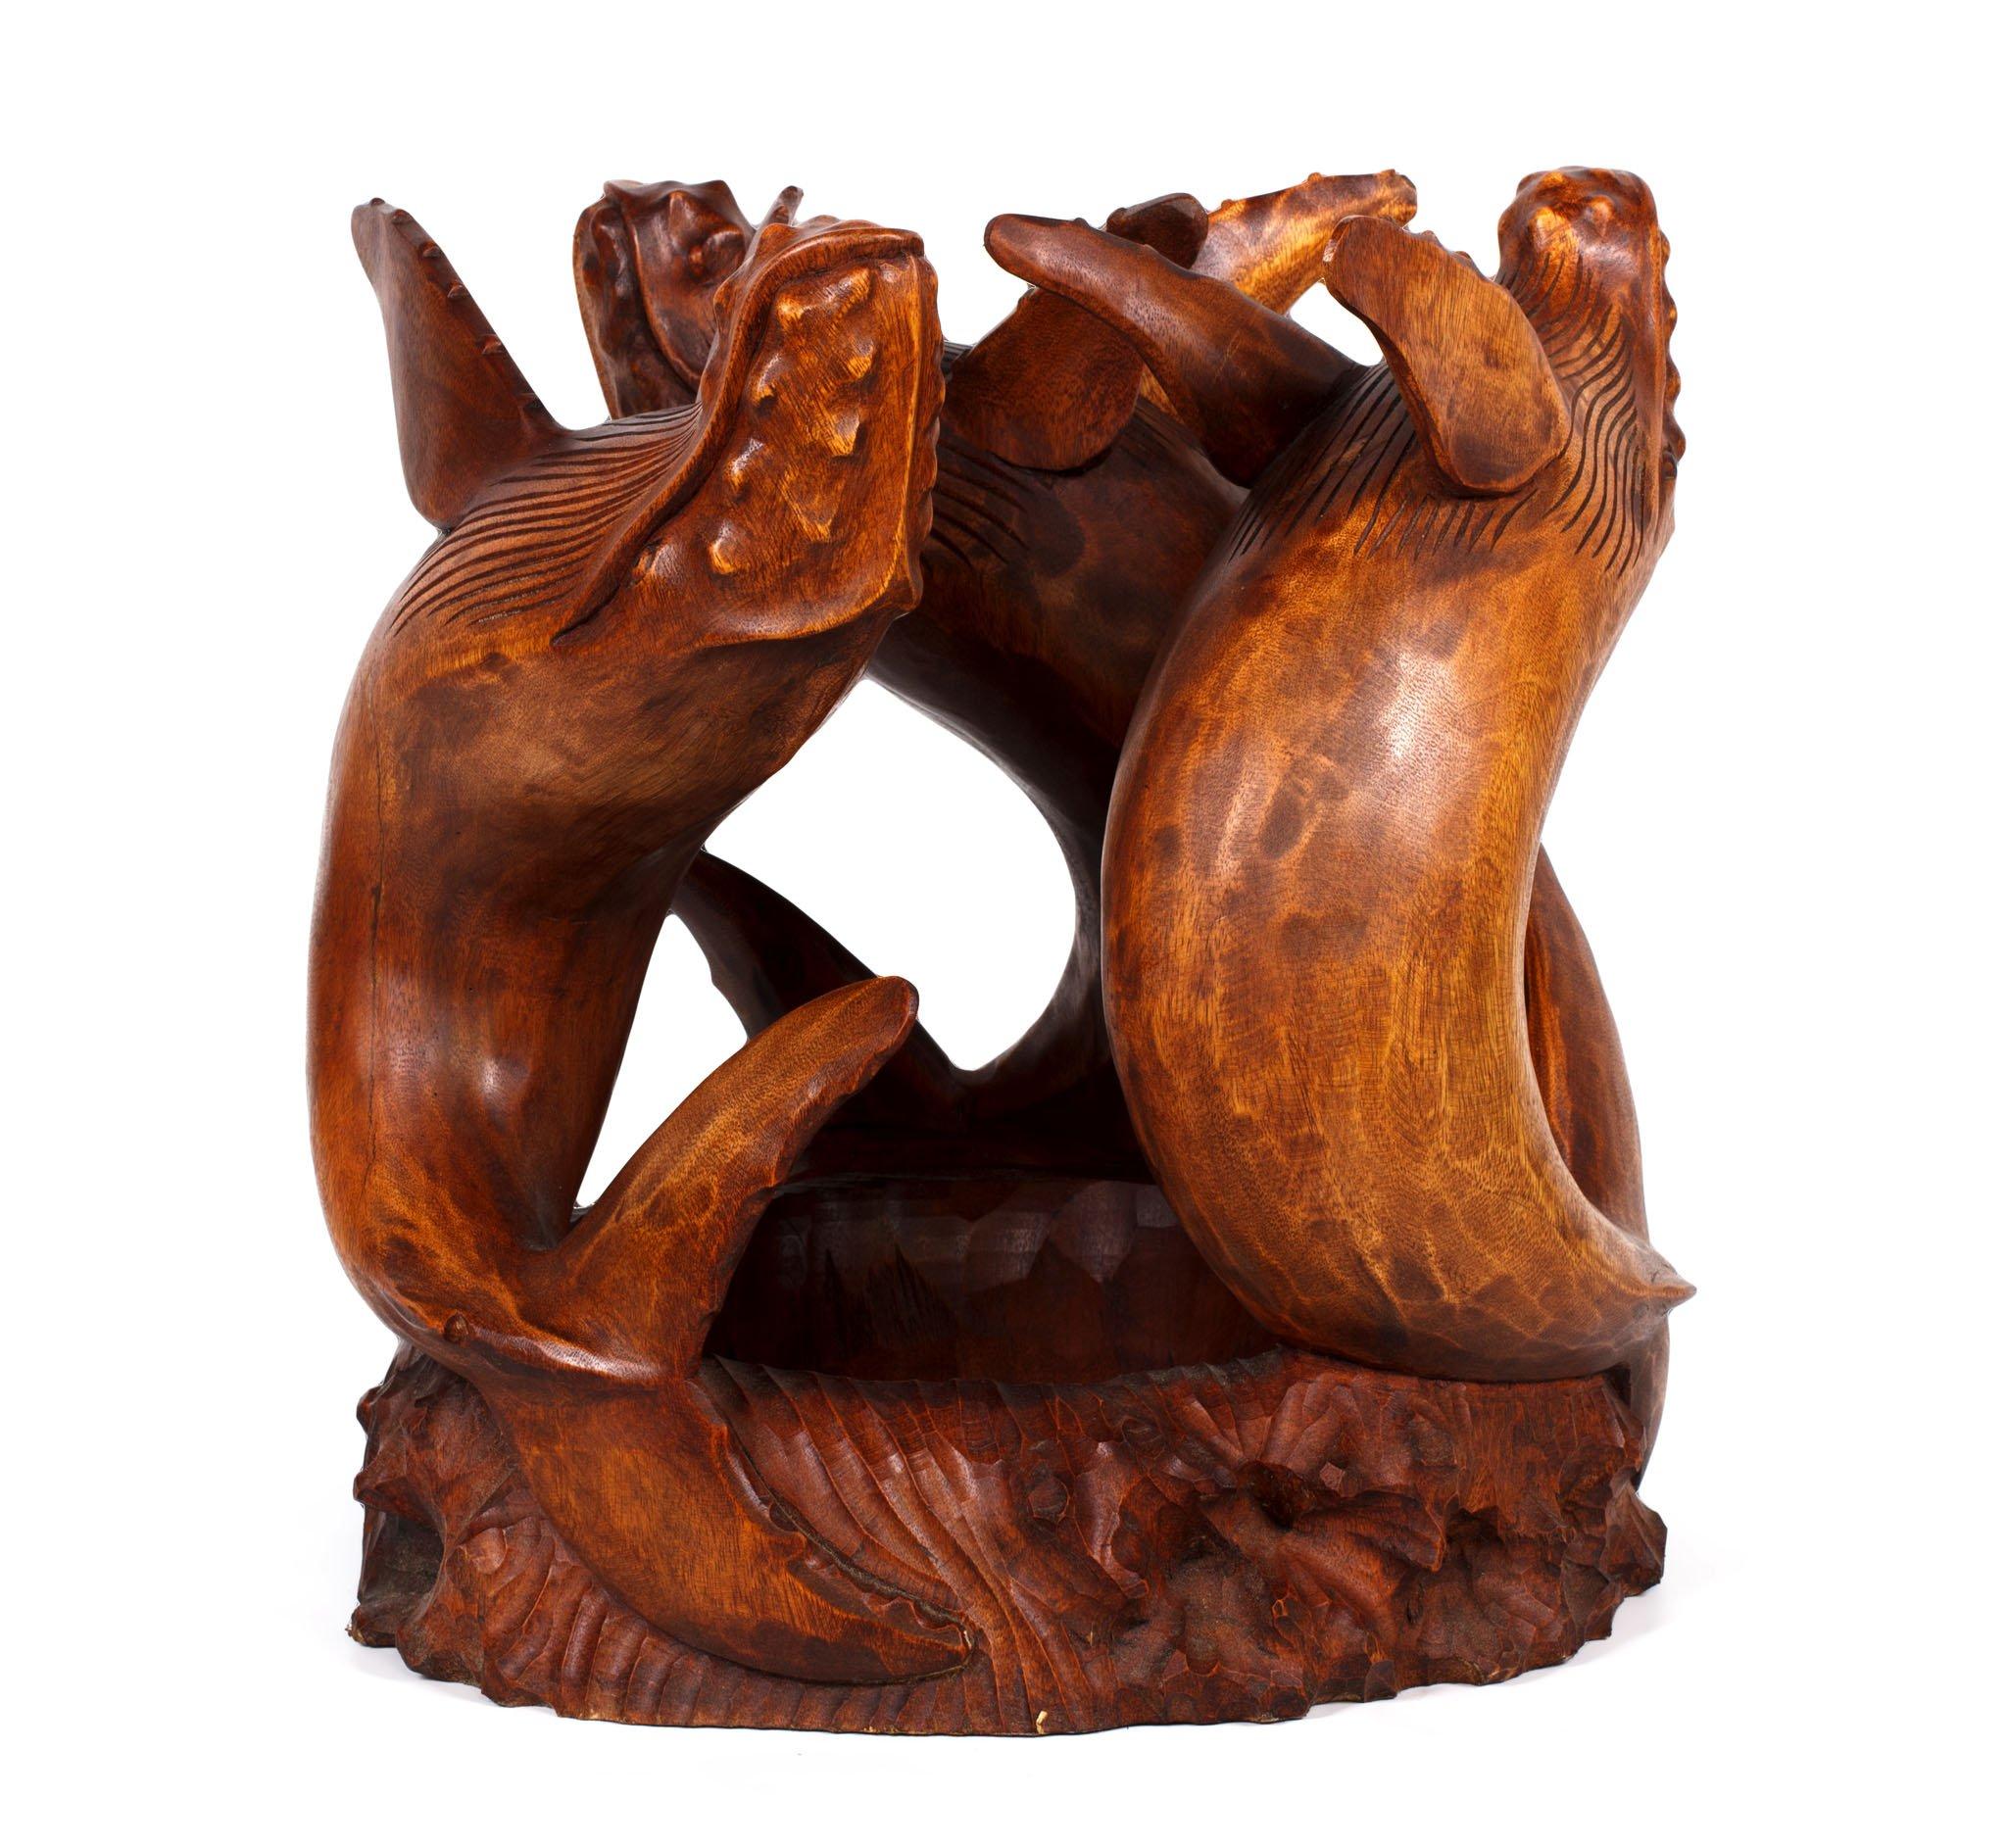 Hawaii Style - Carvings CHSTK-4190